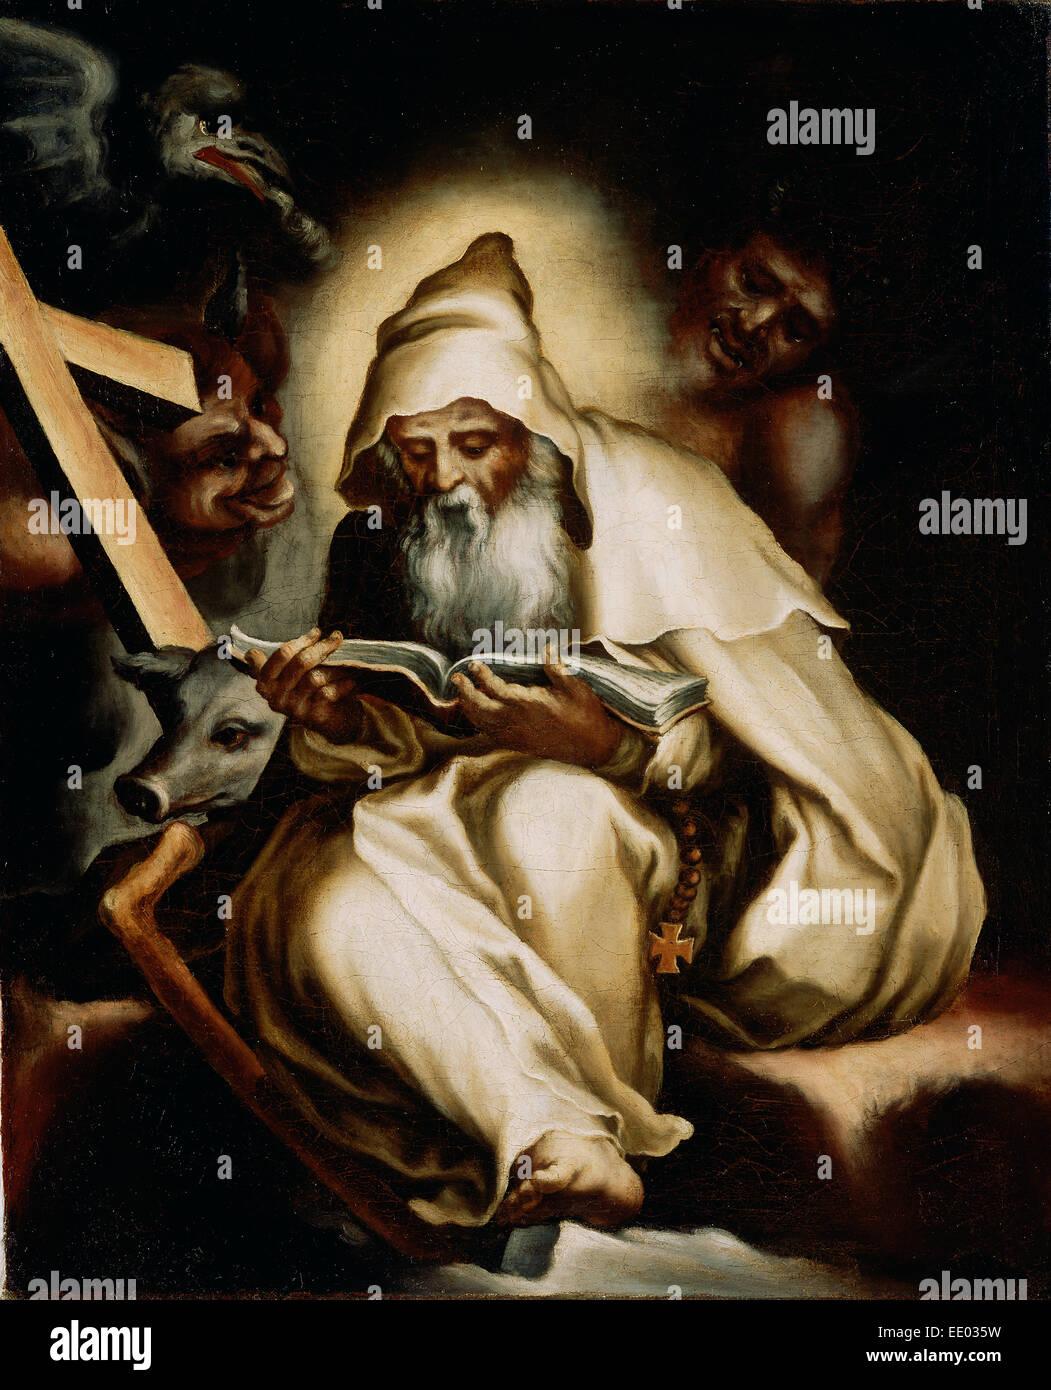 La Tentation de Saint Antoine; Lelio Orsi, Italien, 1511 - 1587; années 1570; Huile sur toile Photo Stock